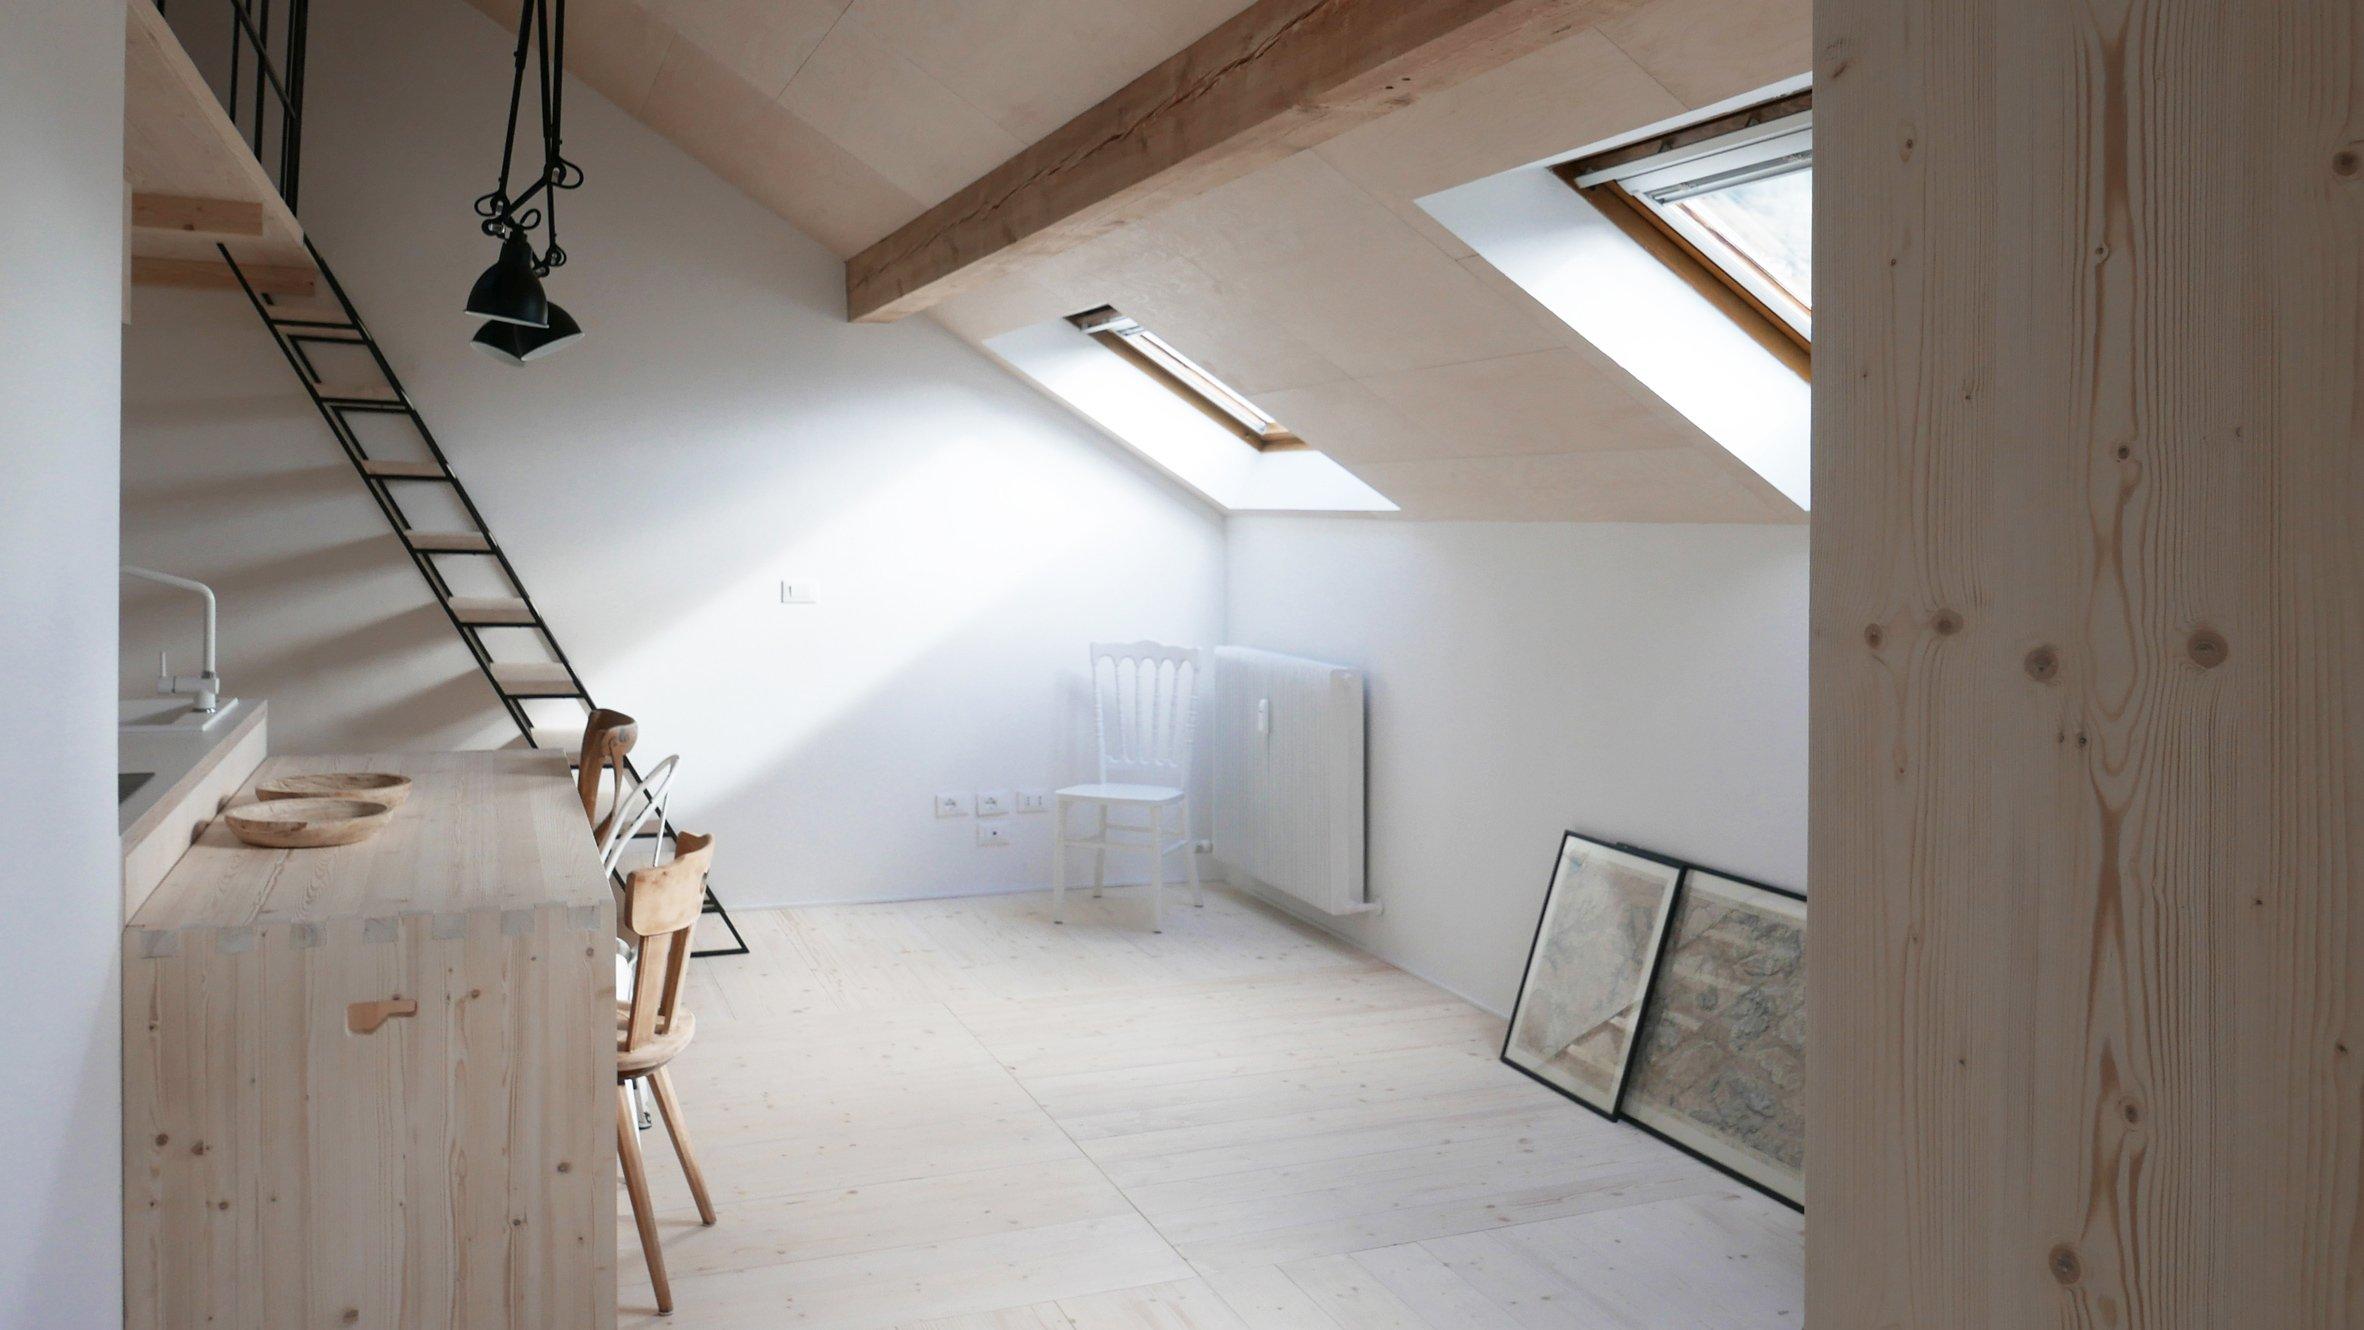 Loft interiors | Dezeen